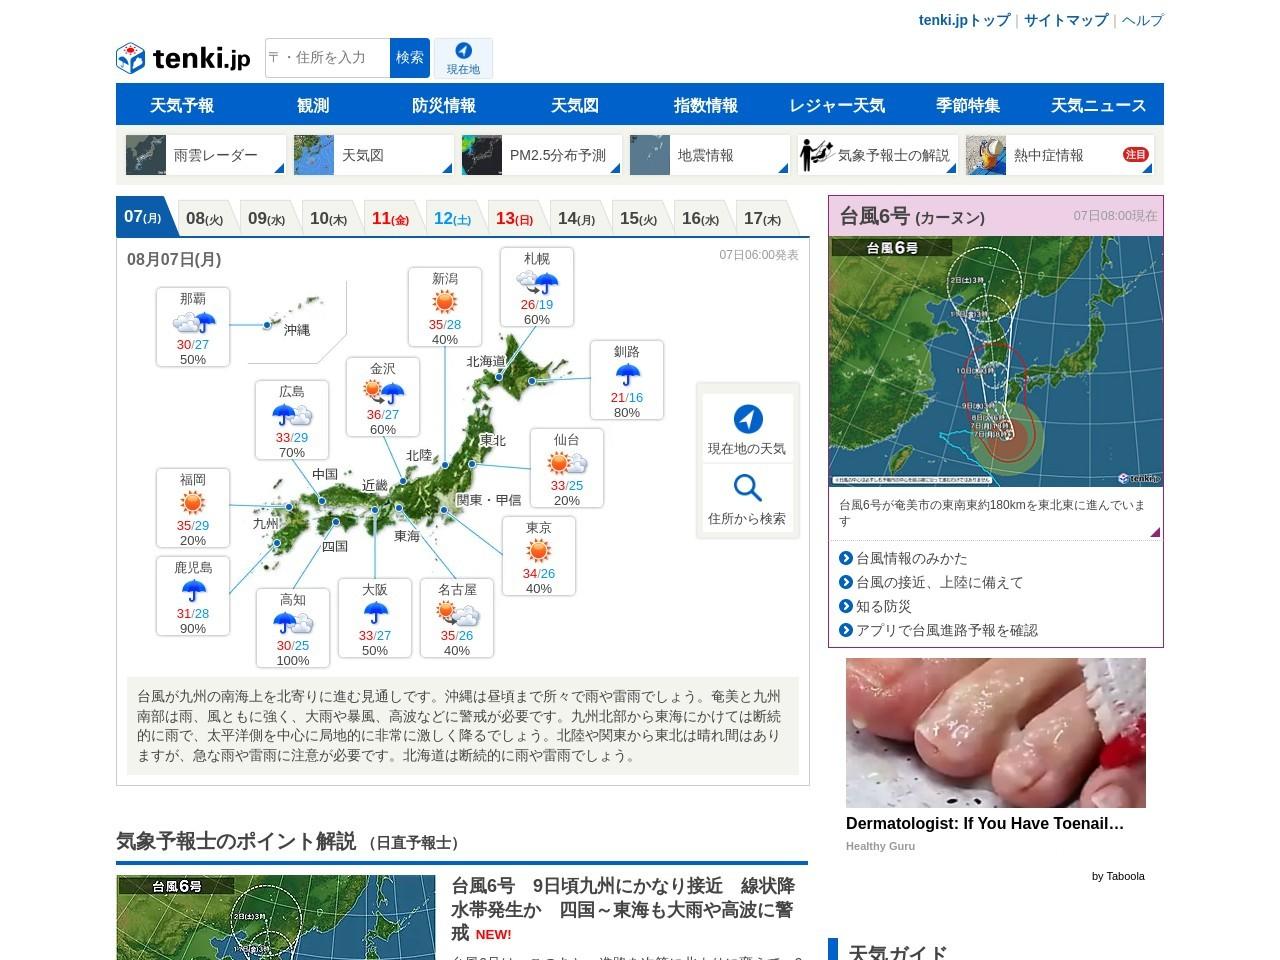 愛媛県の桜開花・満開情報 2021 - 日本気象協会 tenki.jp